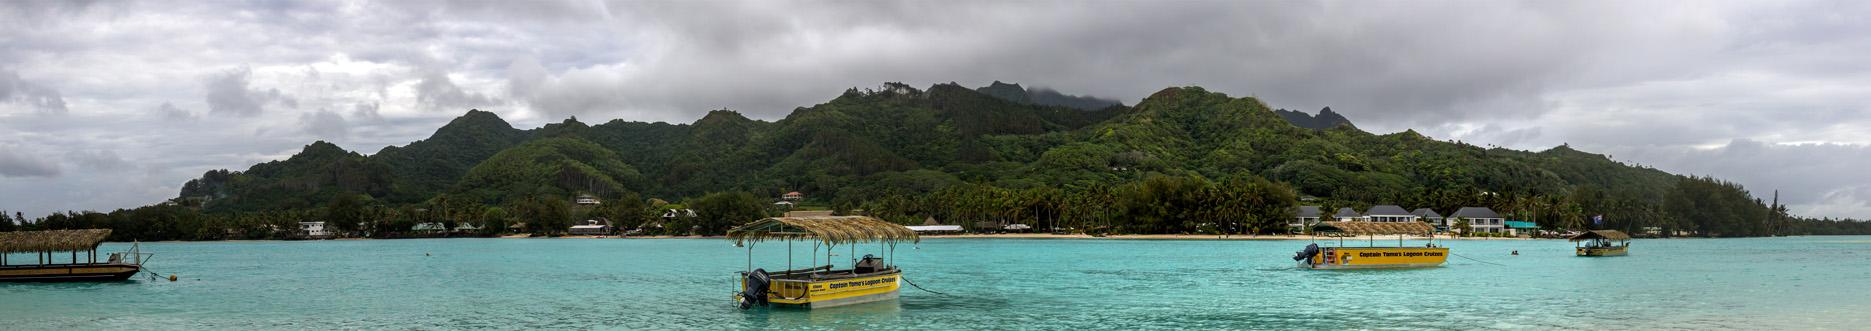 Panoramica Rarotonga, islas Cook